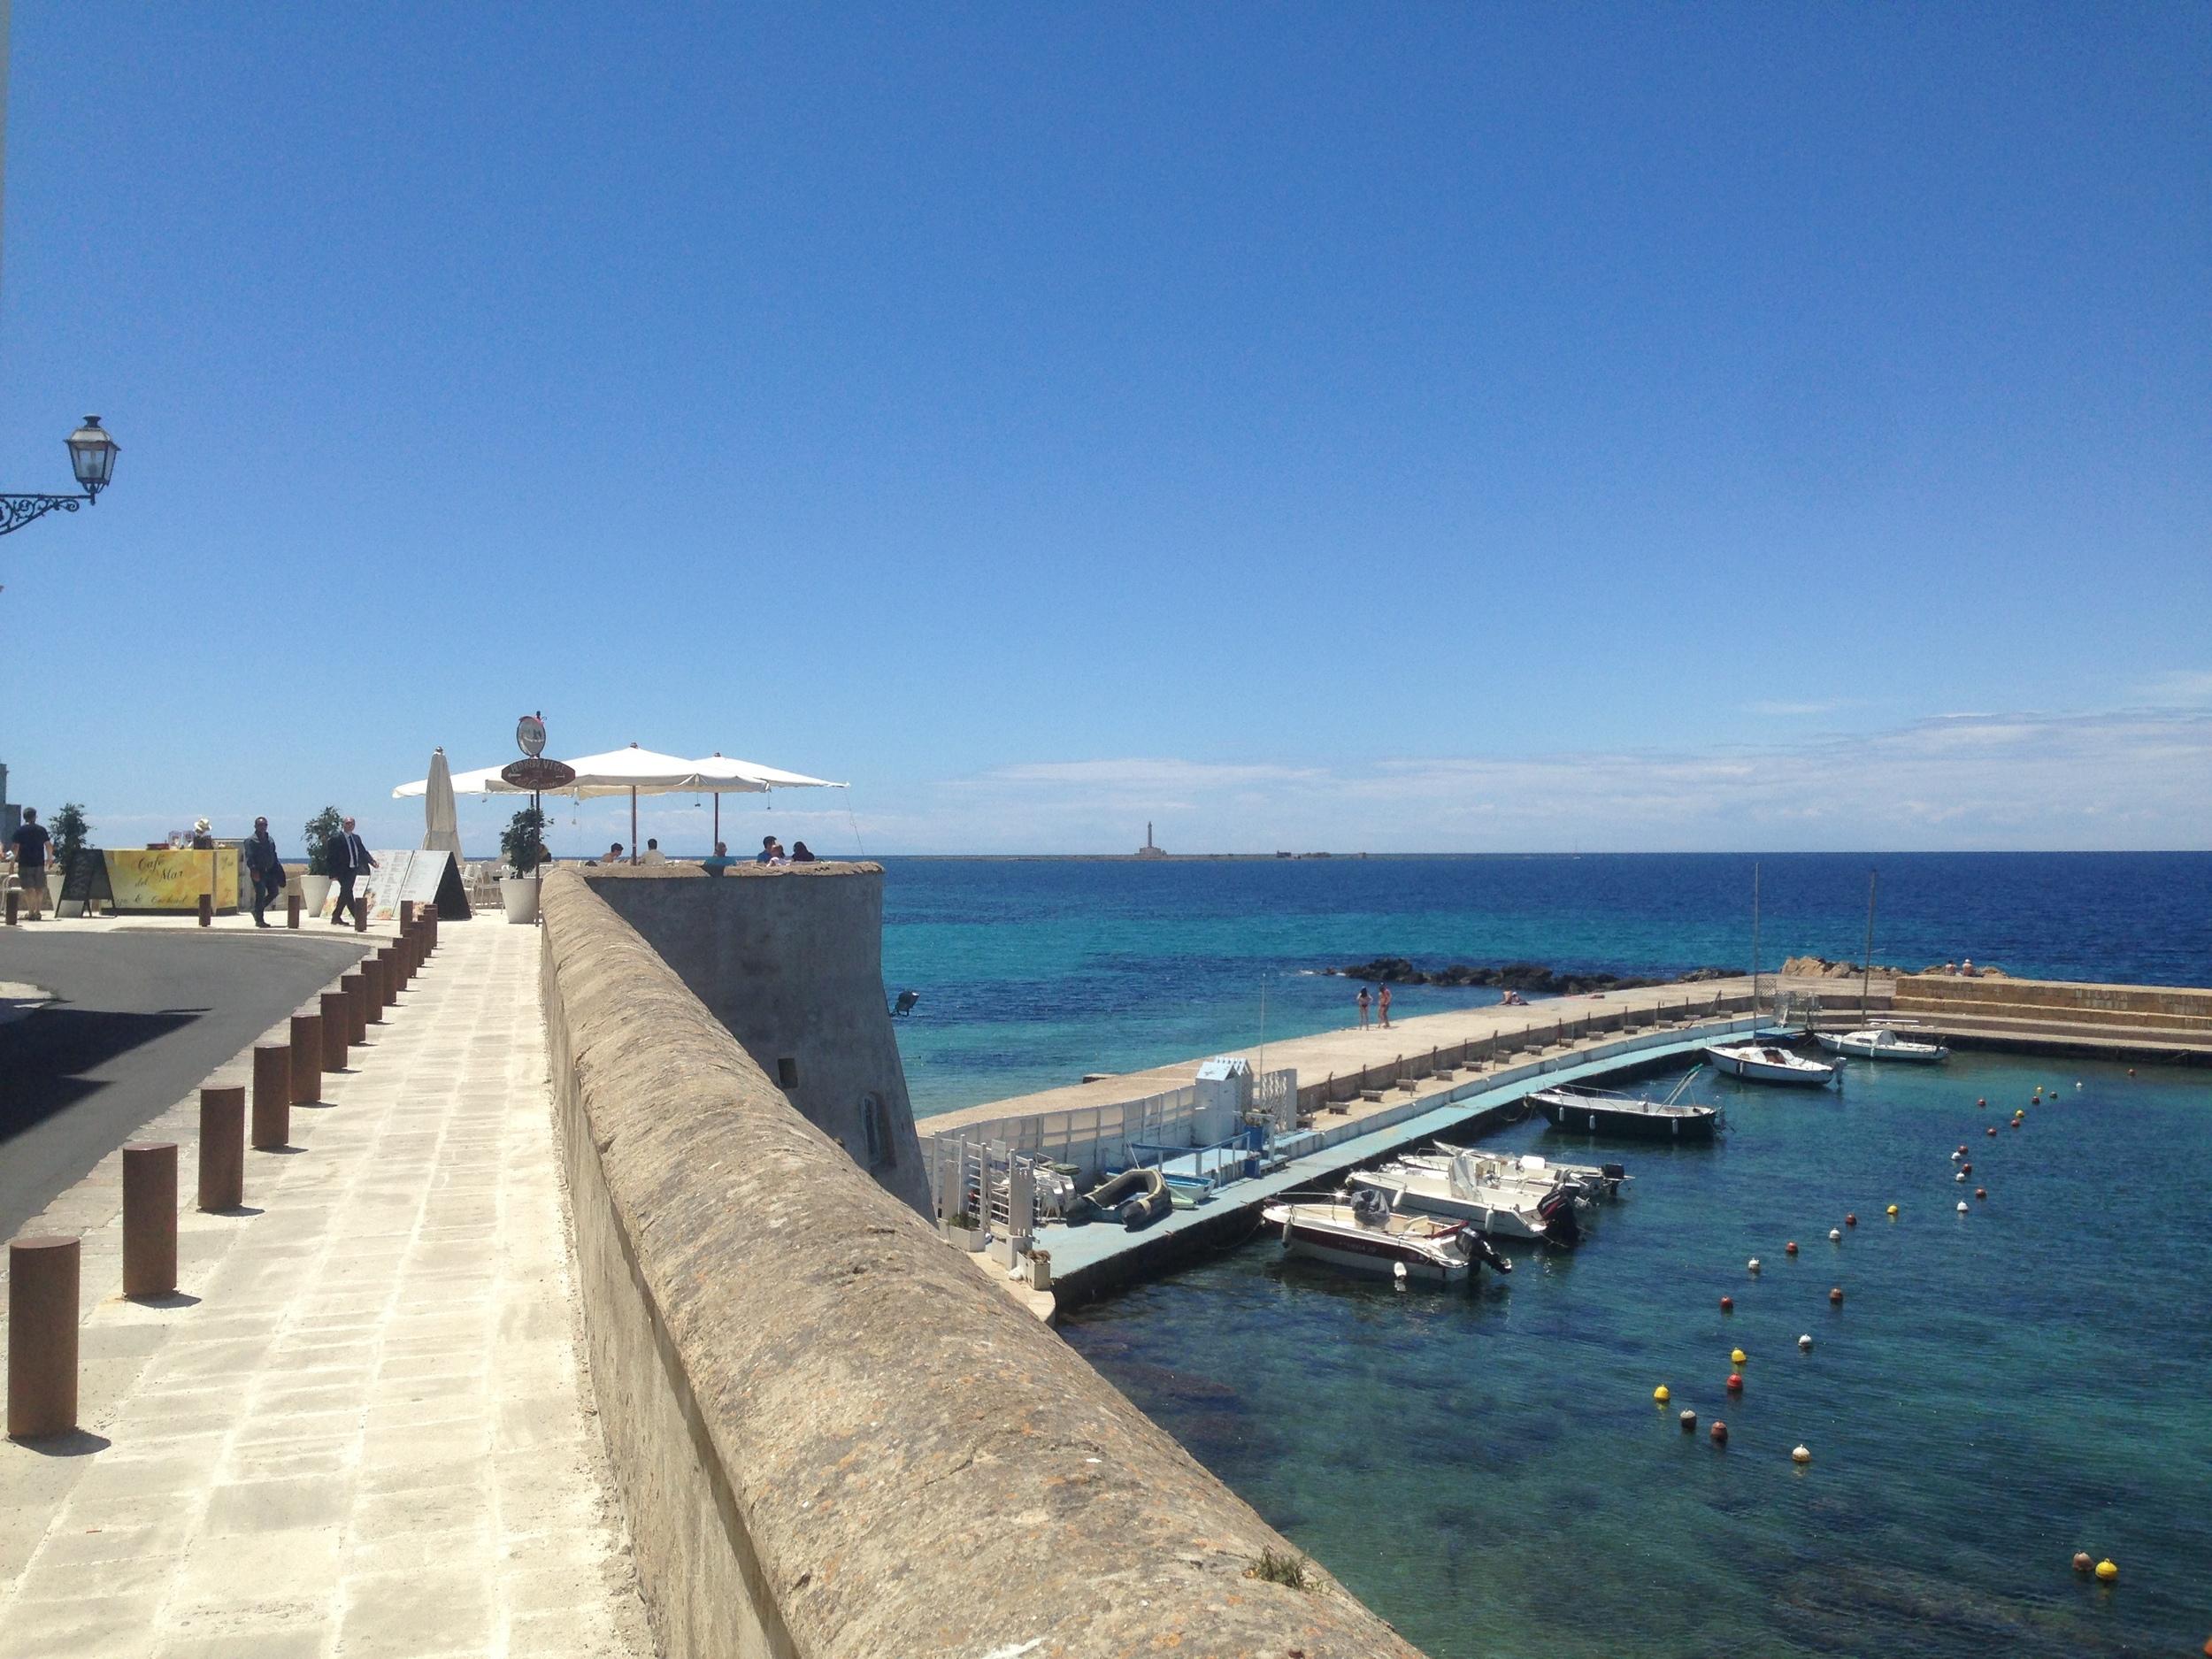 Sud-Est Apulia Salento Puglia Sea